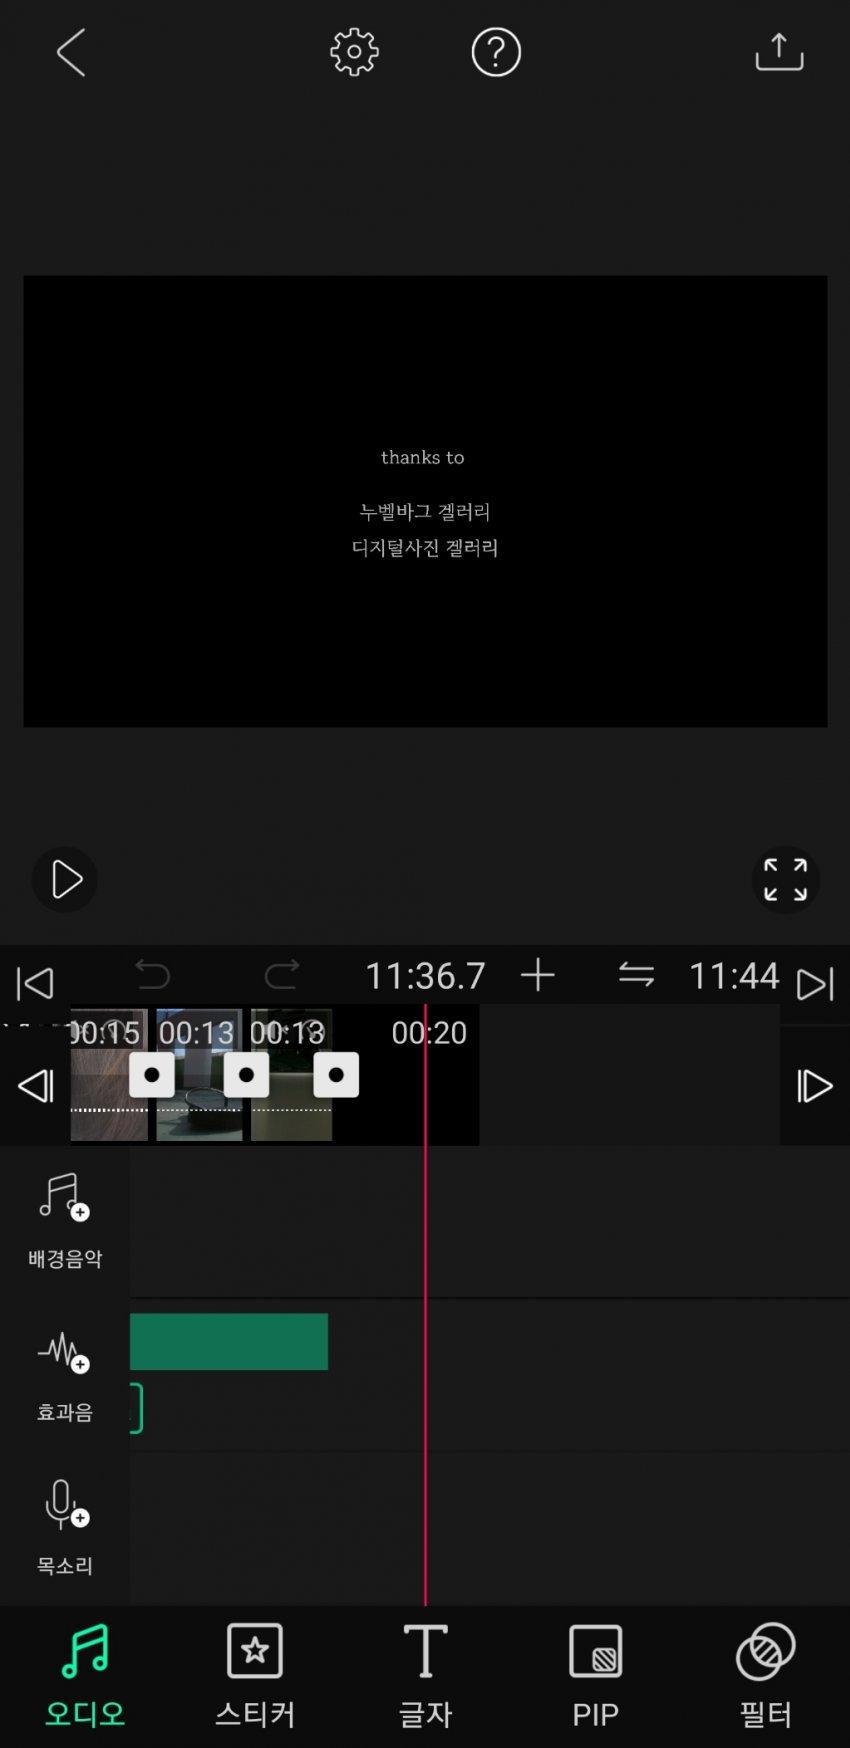 viewimage.php?id=23b2c530e0de34a378bed1a013&no=24b0d769e1d32ca73dec81fa11d028314d3faebecfec25ed6aa778bc785bf3142695bf8fc9bf753b2889fbb3135bb1ee50611975682d4d57bf79096dd0313636e2f5a7a6cad5937180d46bec77956bff72e8212f0a7e34057d5577f7eb6873fa23572ee707074034cbe6e36fb57a9bb053c27e8e15